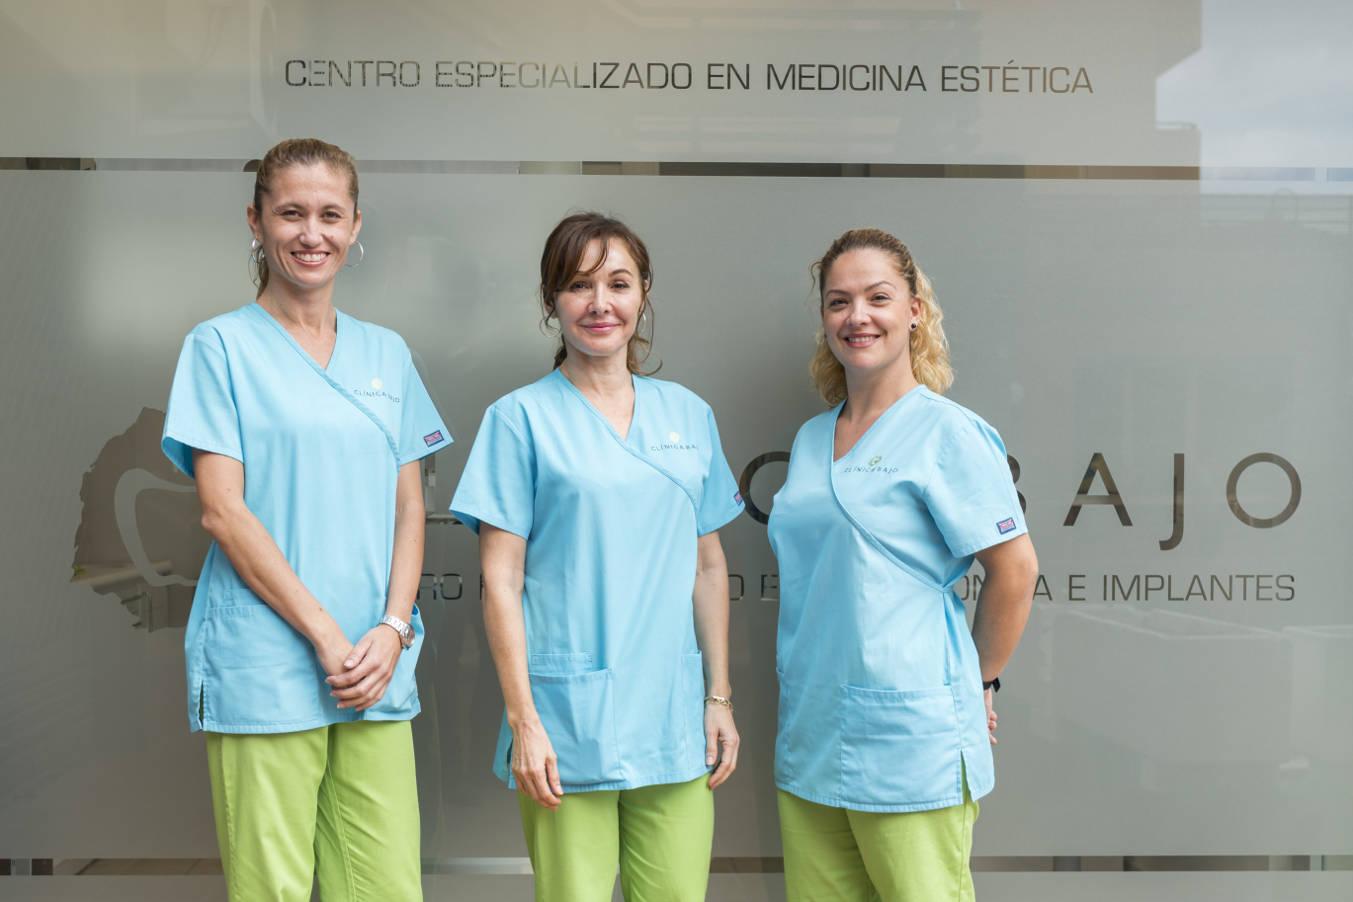 Feliz 2020 de parte de todo el equipo de Clínica Dental Bajo